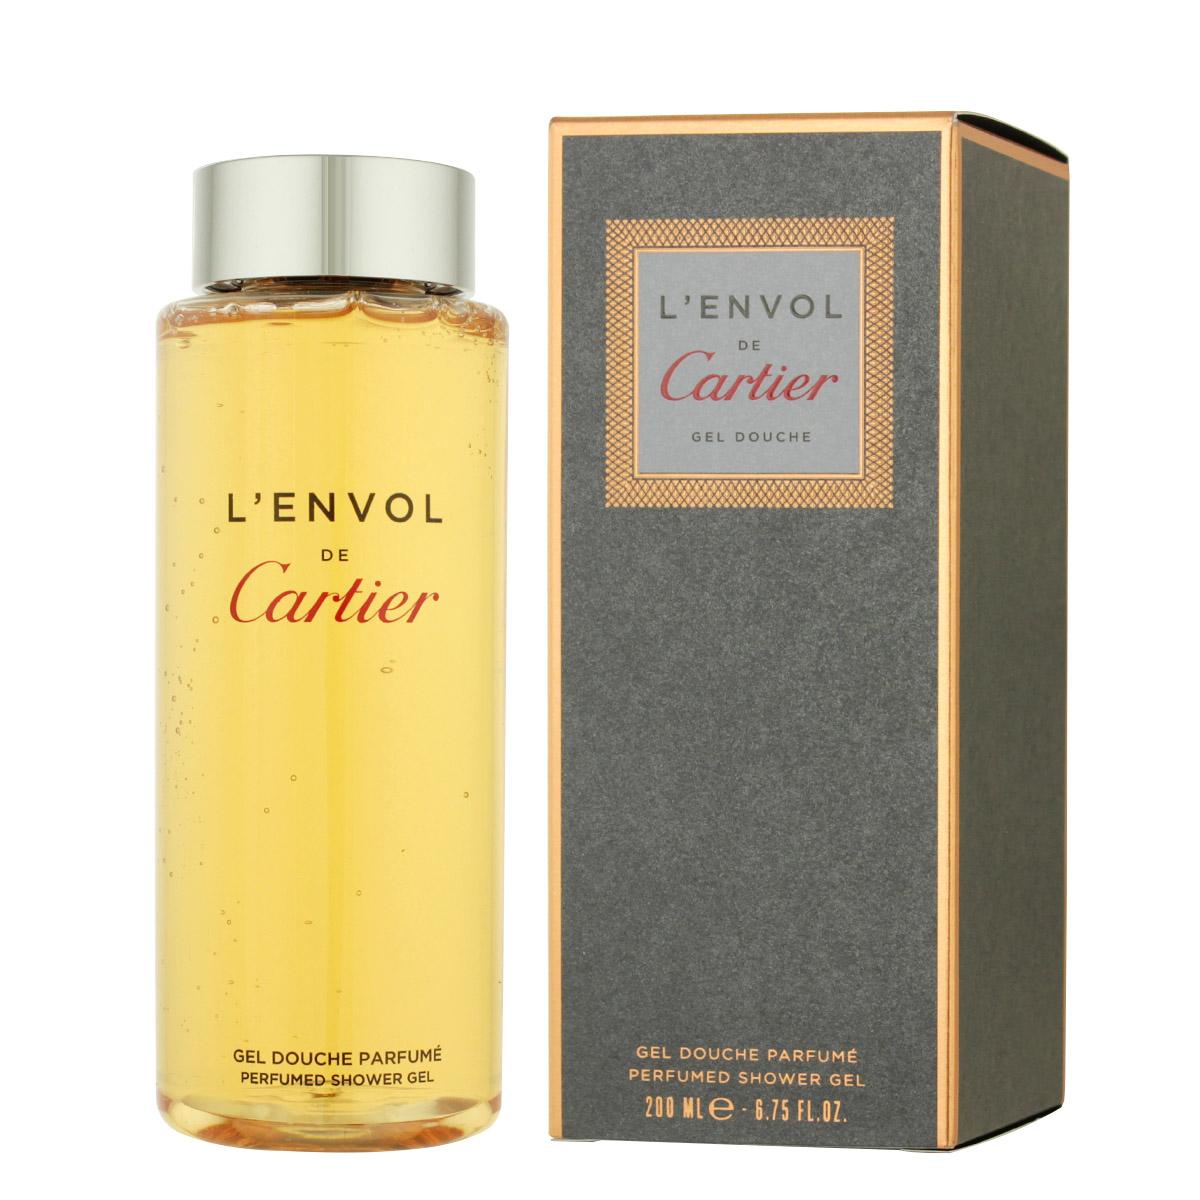 Cartier L'Envol de Cartier Duschgel 200 ml (man) 87879